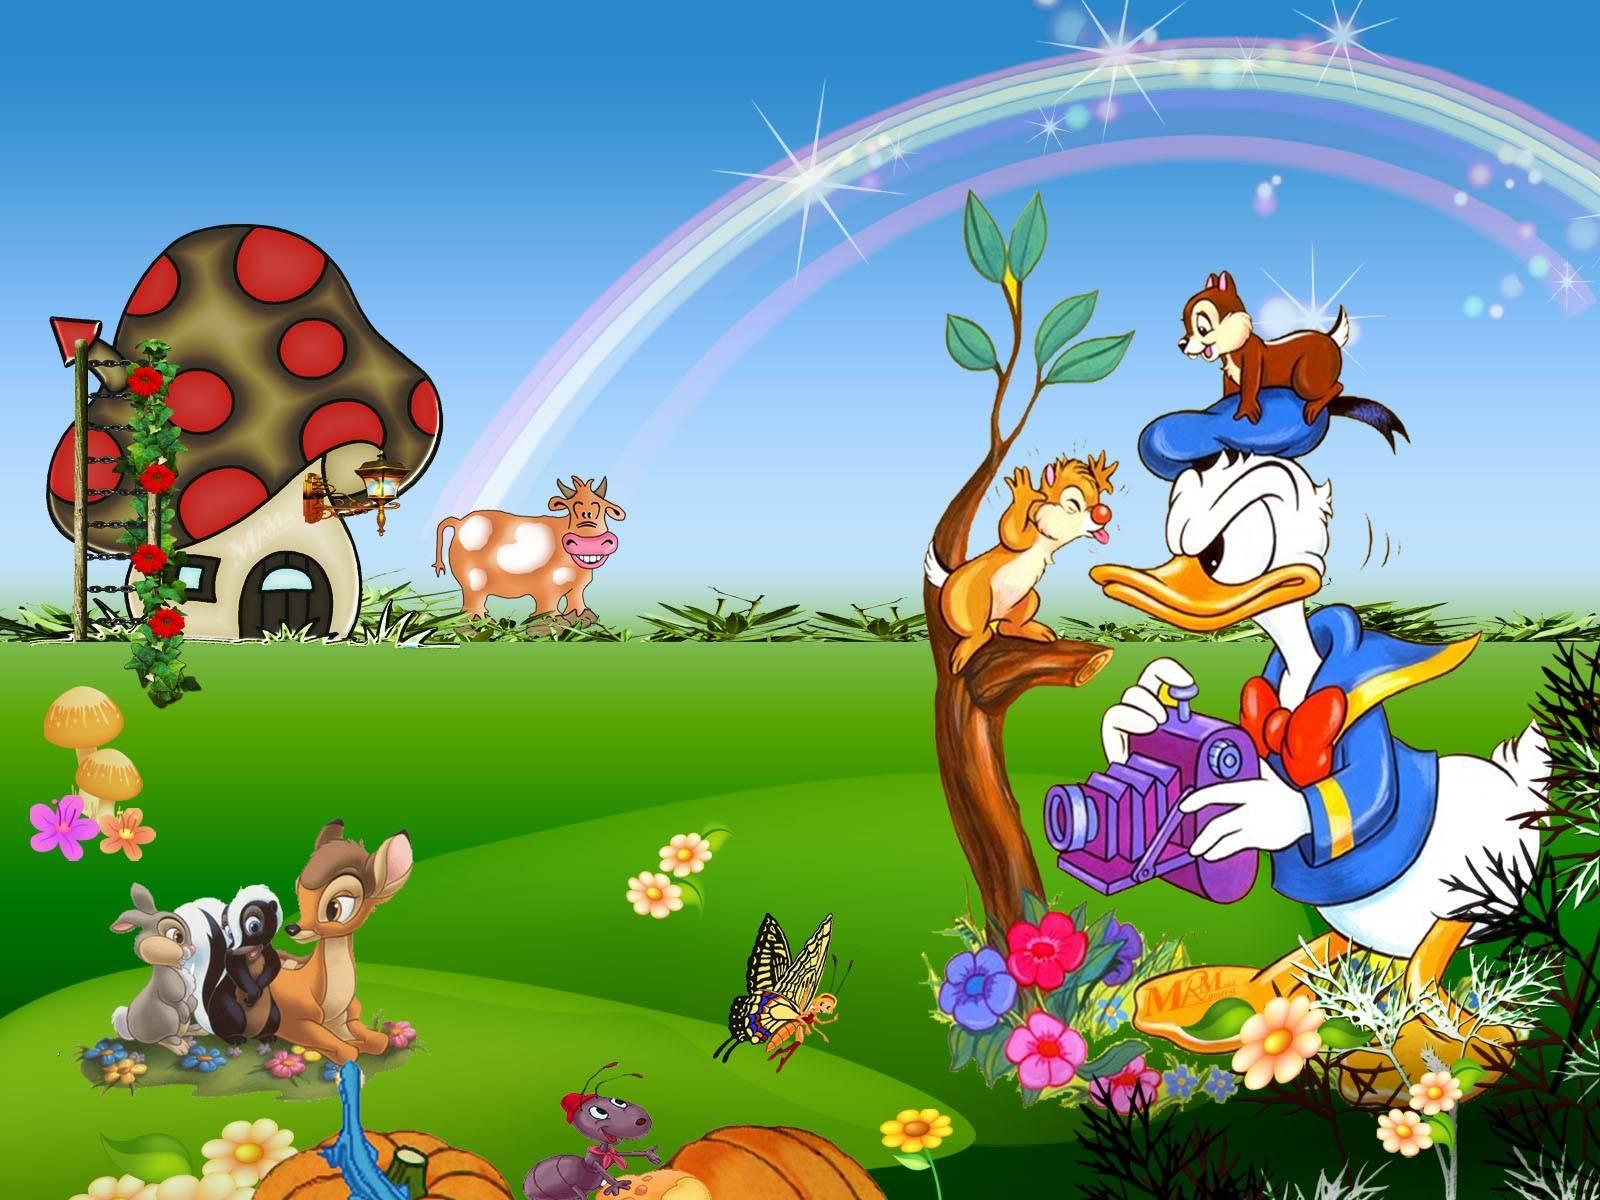 600 Wallpaper Animasi Taman  Paling Keren